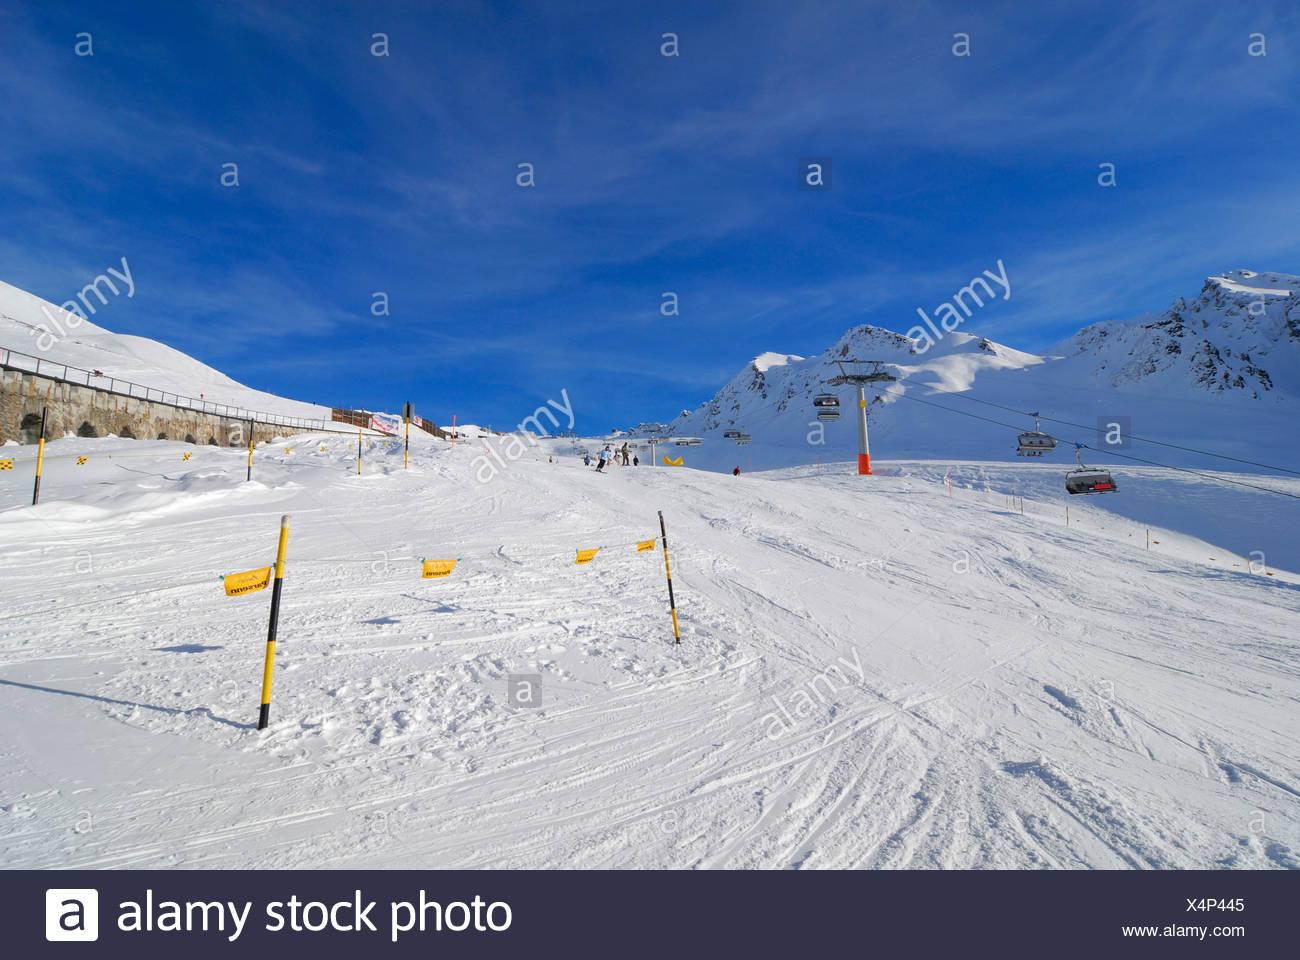 Ski slopes on the Parsenn - Davos, Canton of Graubuenden, Switzerland, Europe. - Stock Image